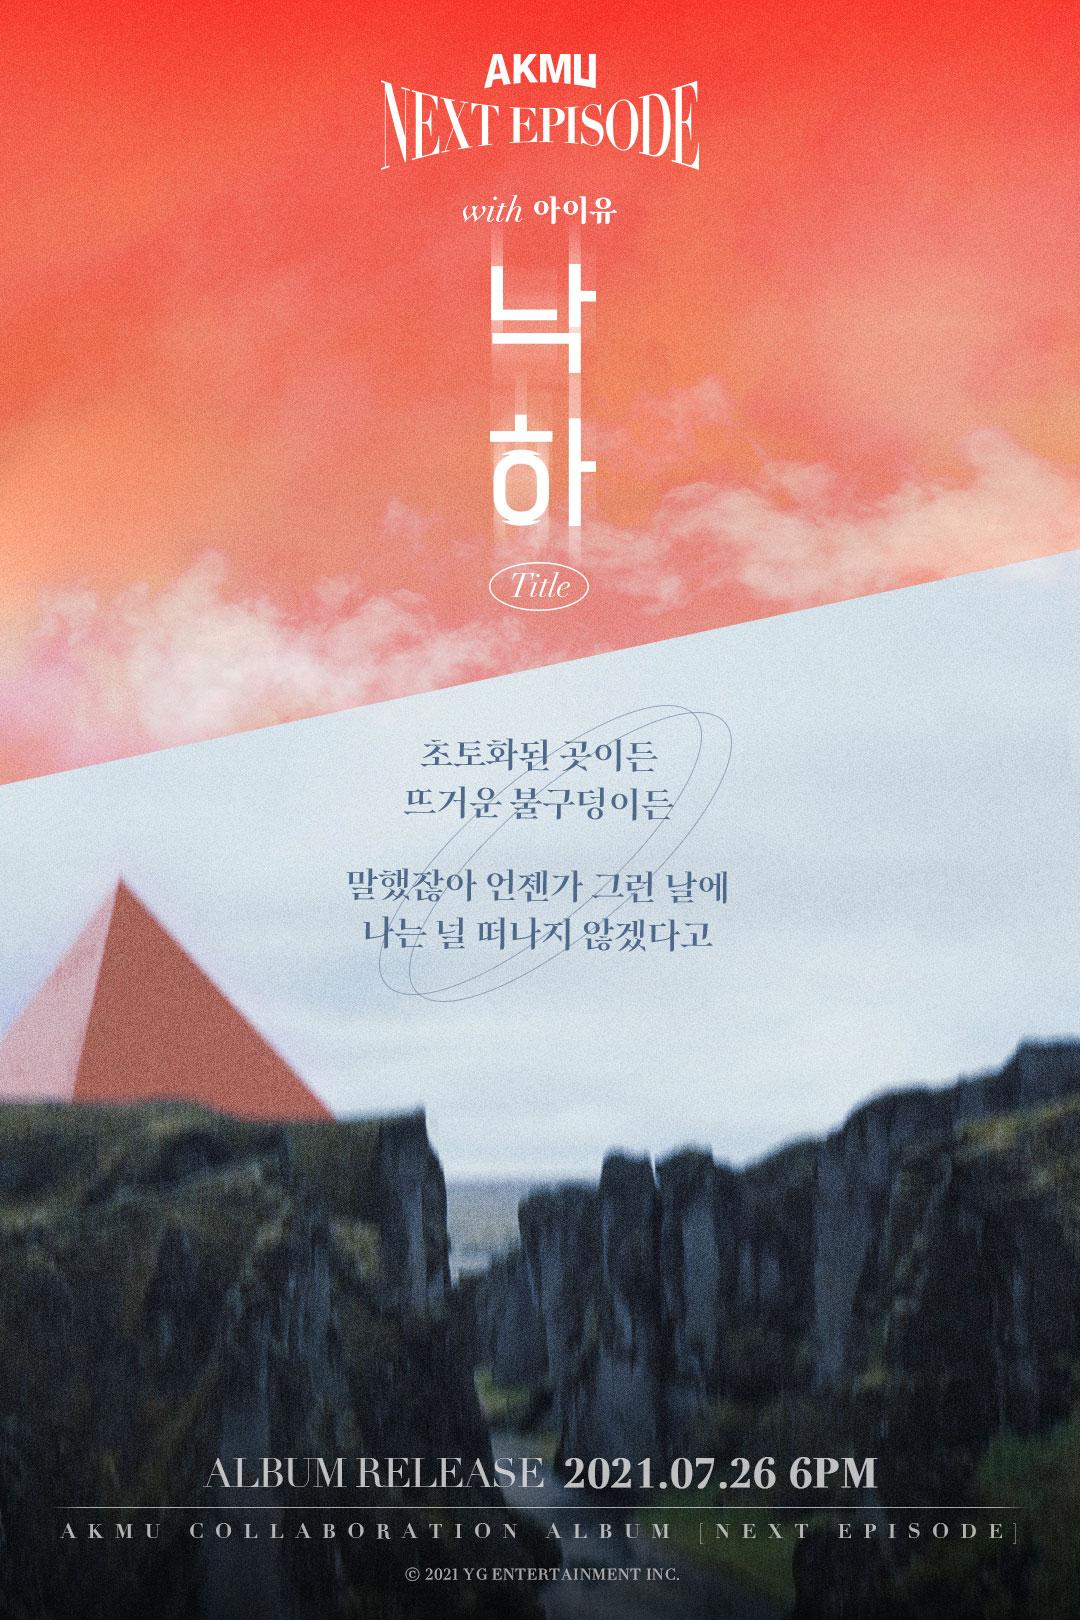 AKMU 타이틀곡 '낙하' 포스터 공개 (ft. 아이유)